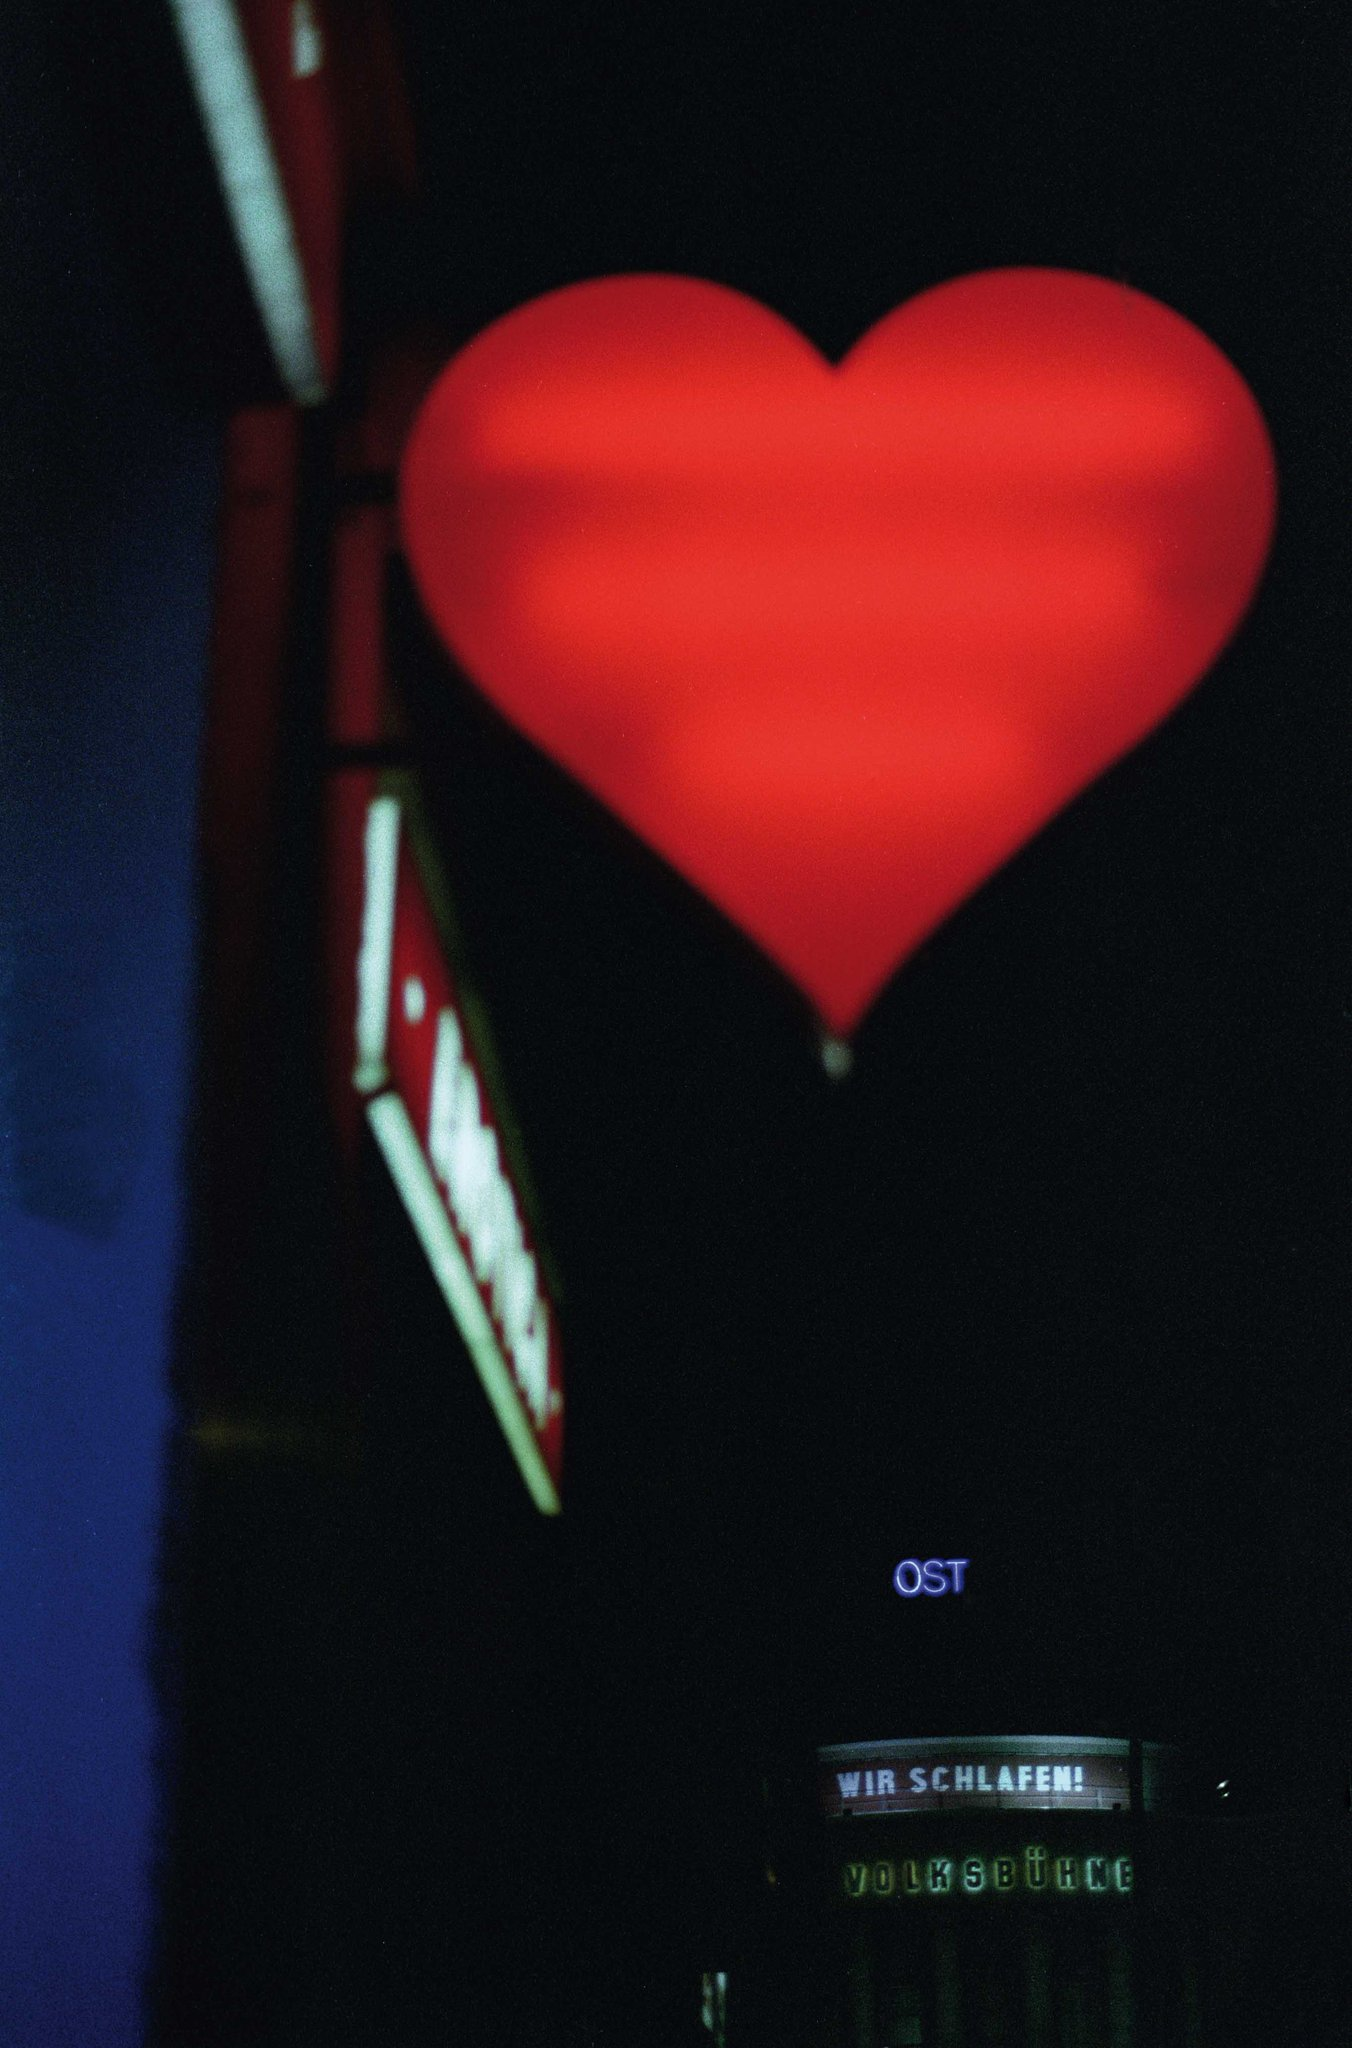 Emotion photo - Magazine cover